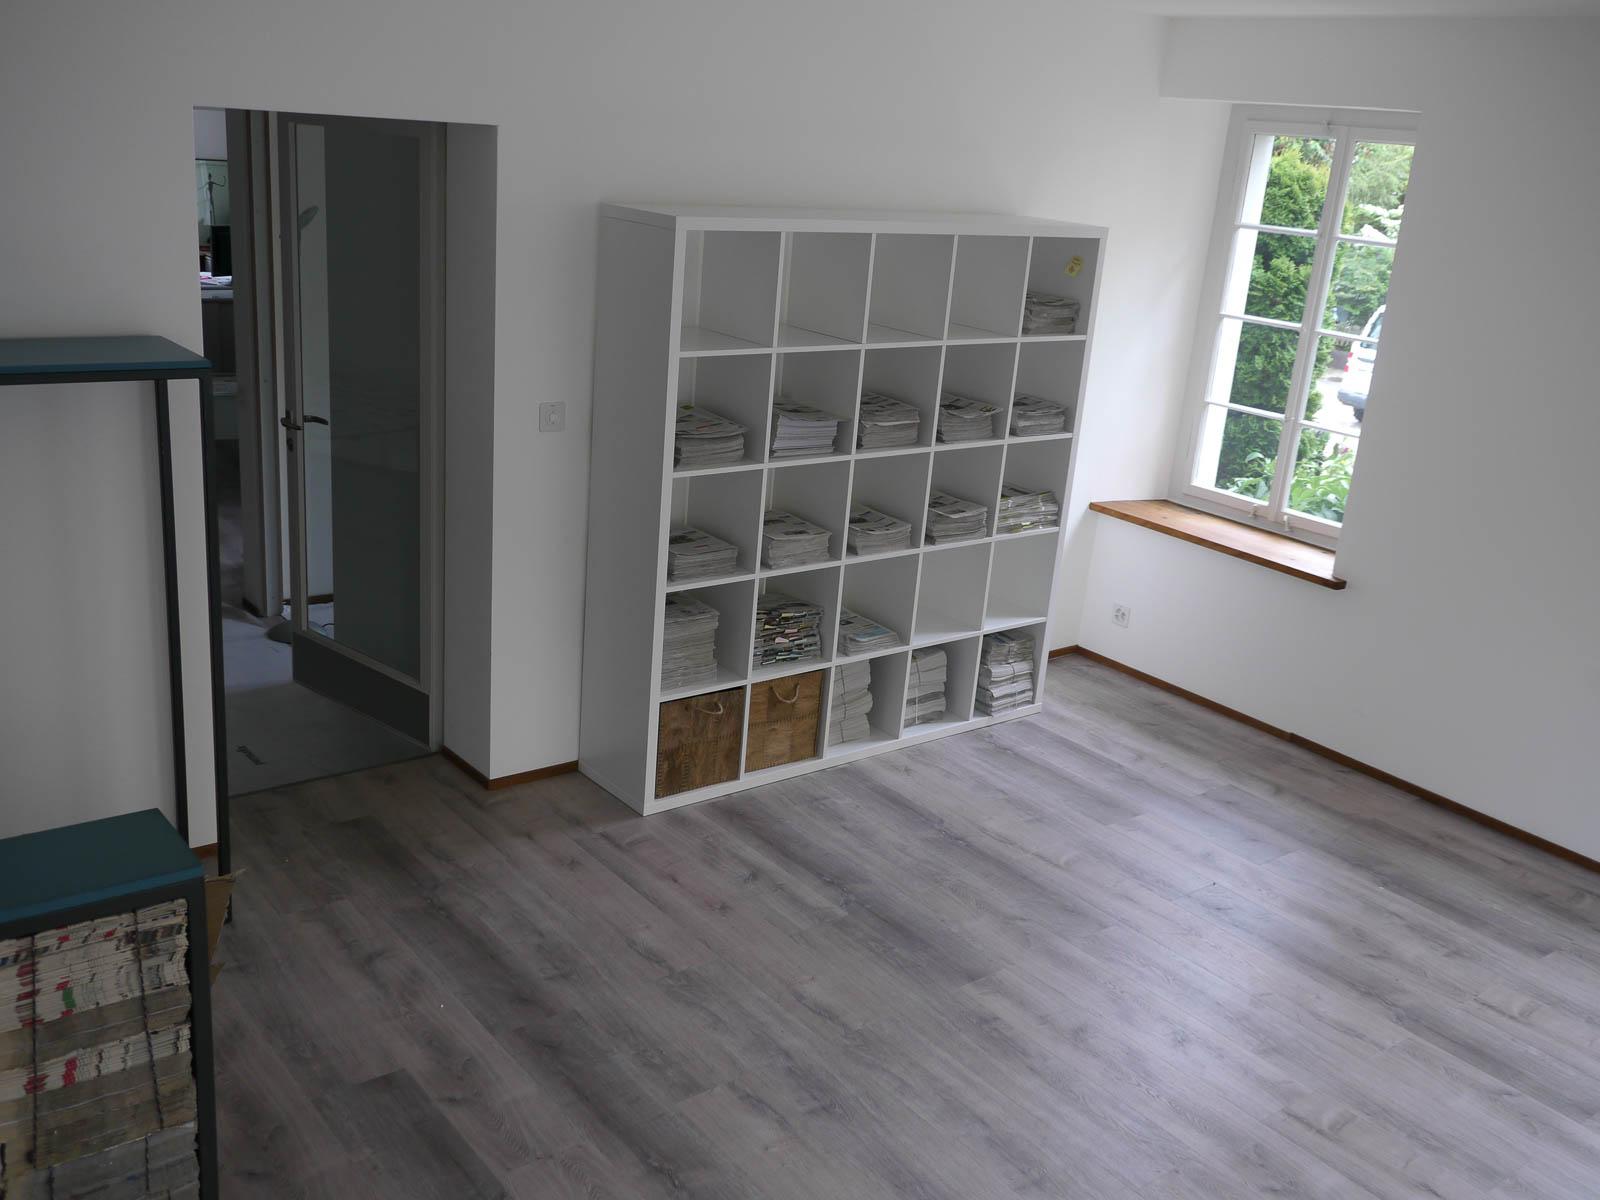 Noch ist es ein fast leerer Raum: Das kommende Info-Zentrum der Höngger Vereine und Institutionen am Meierhofplatz 2.